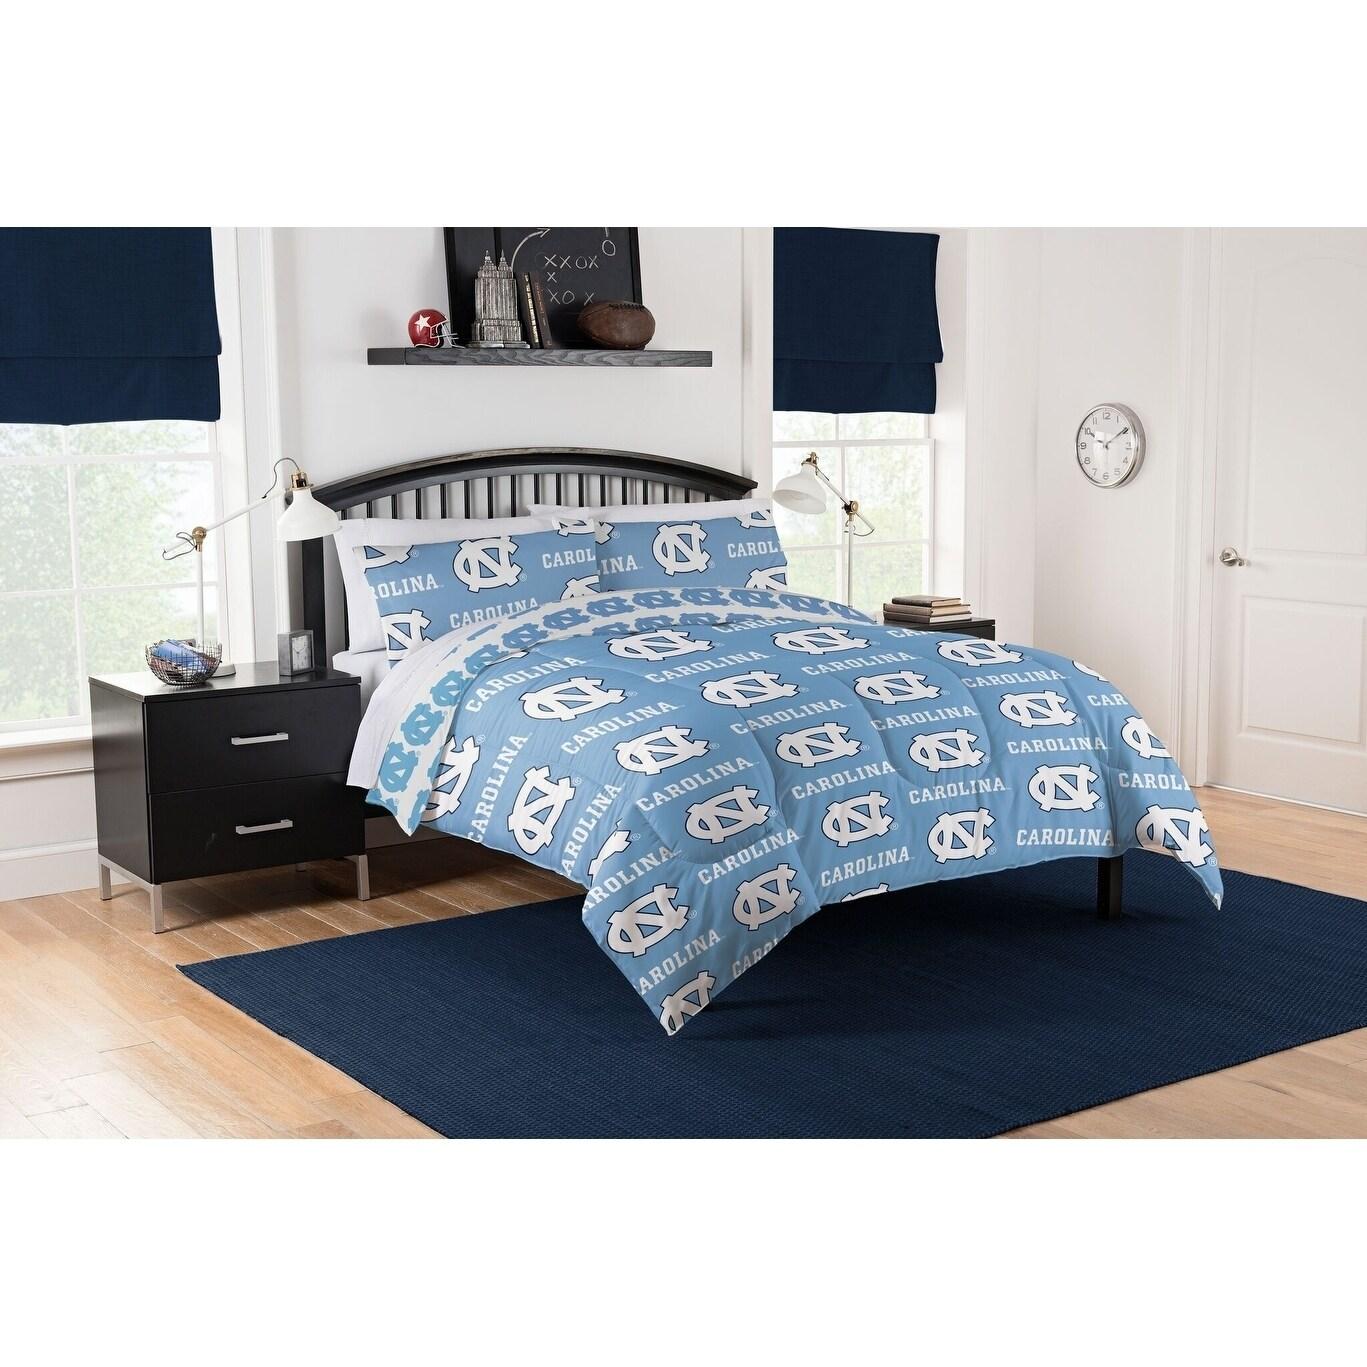 Col 875 Unc Tar Heels Queen Bed In